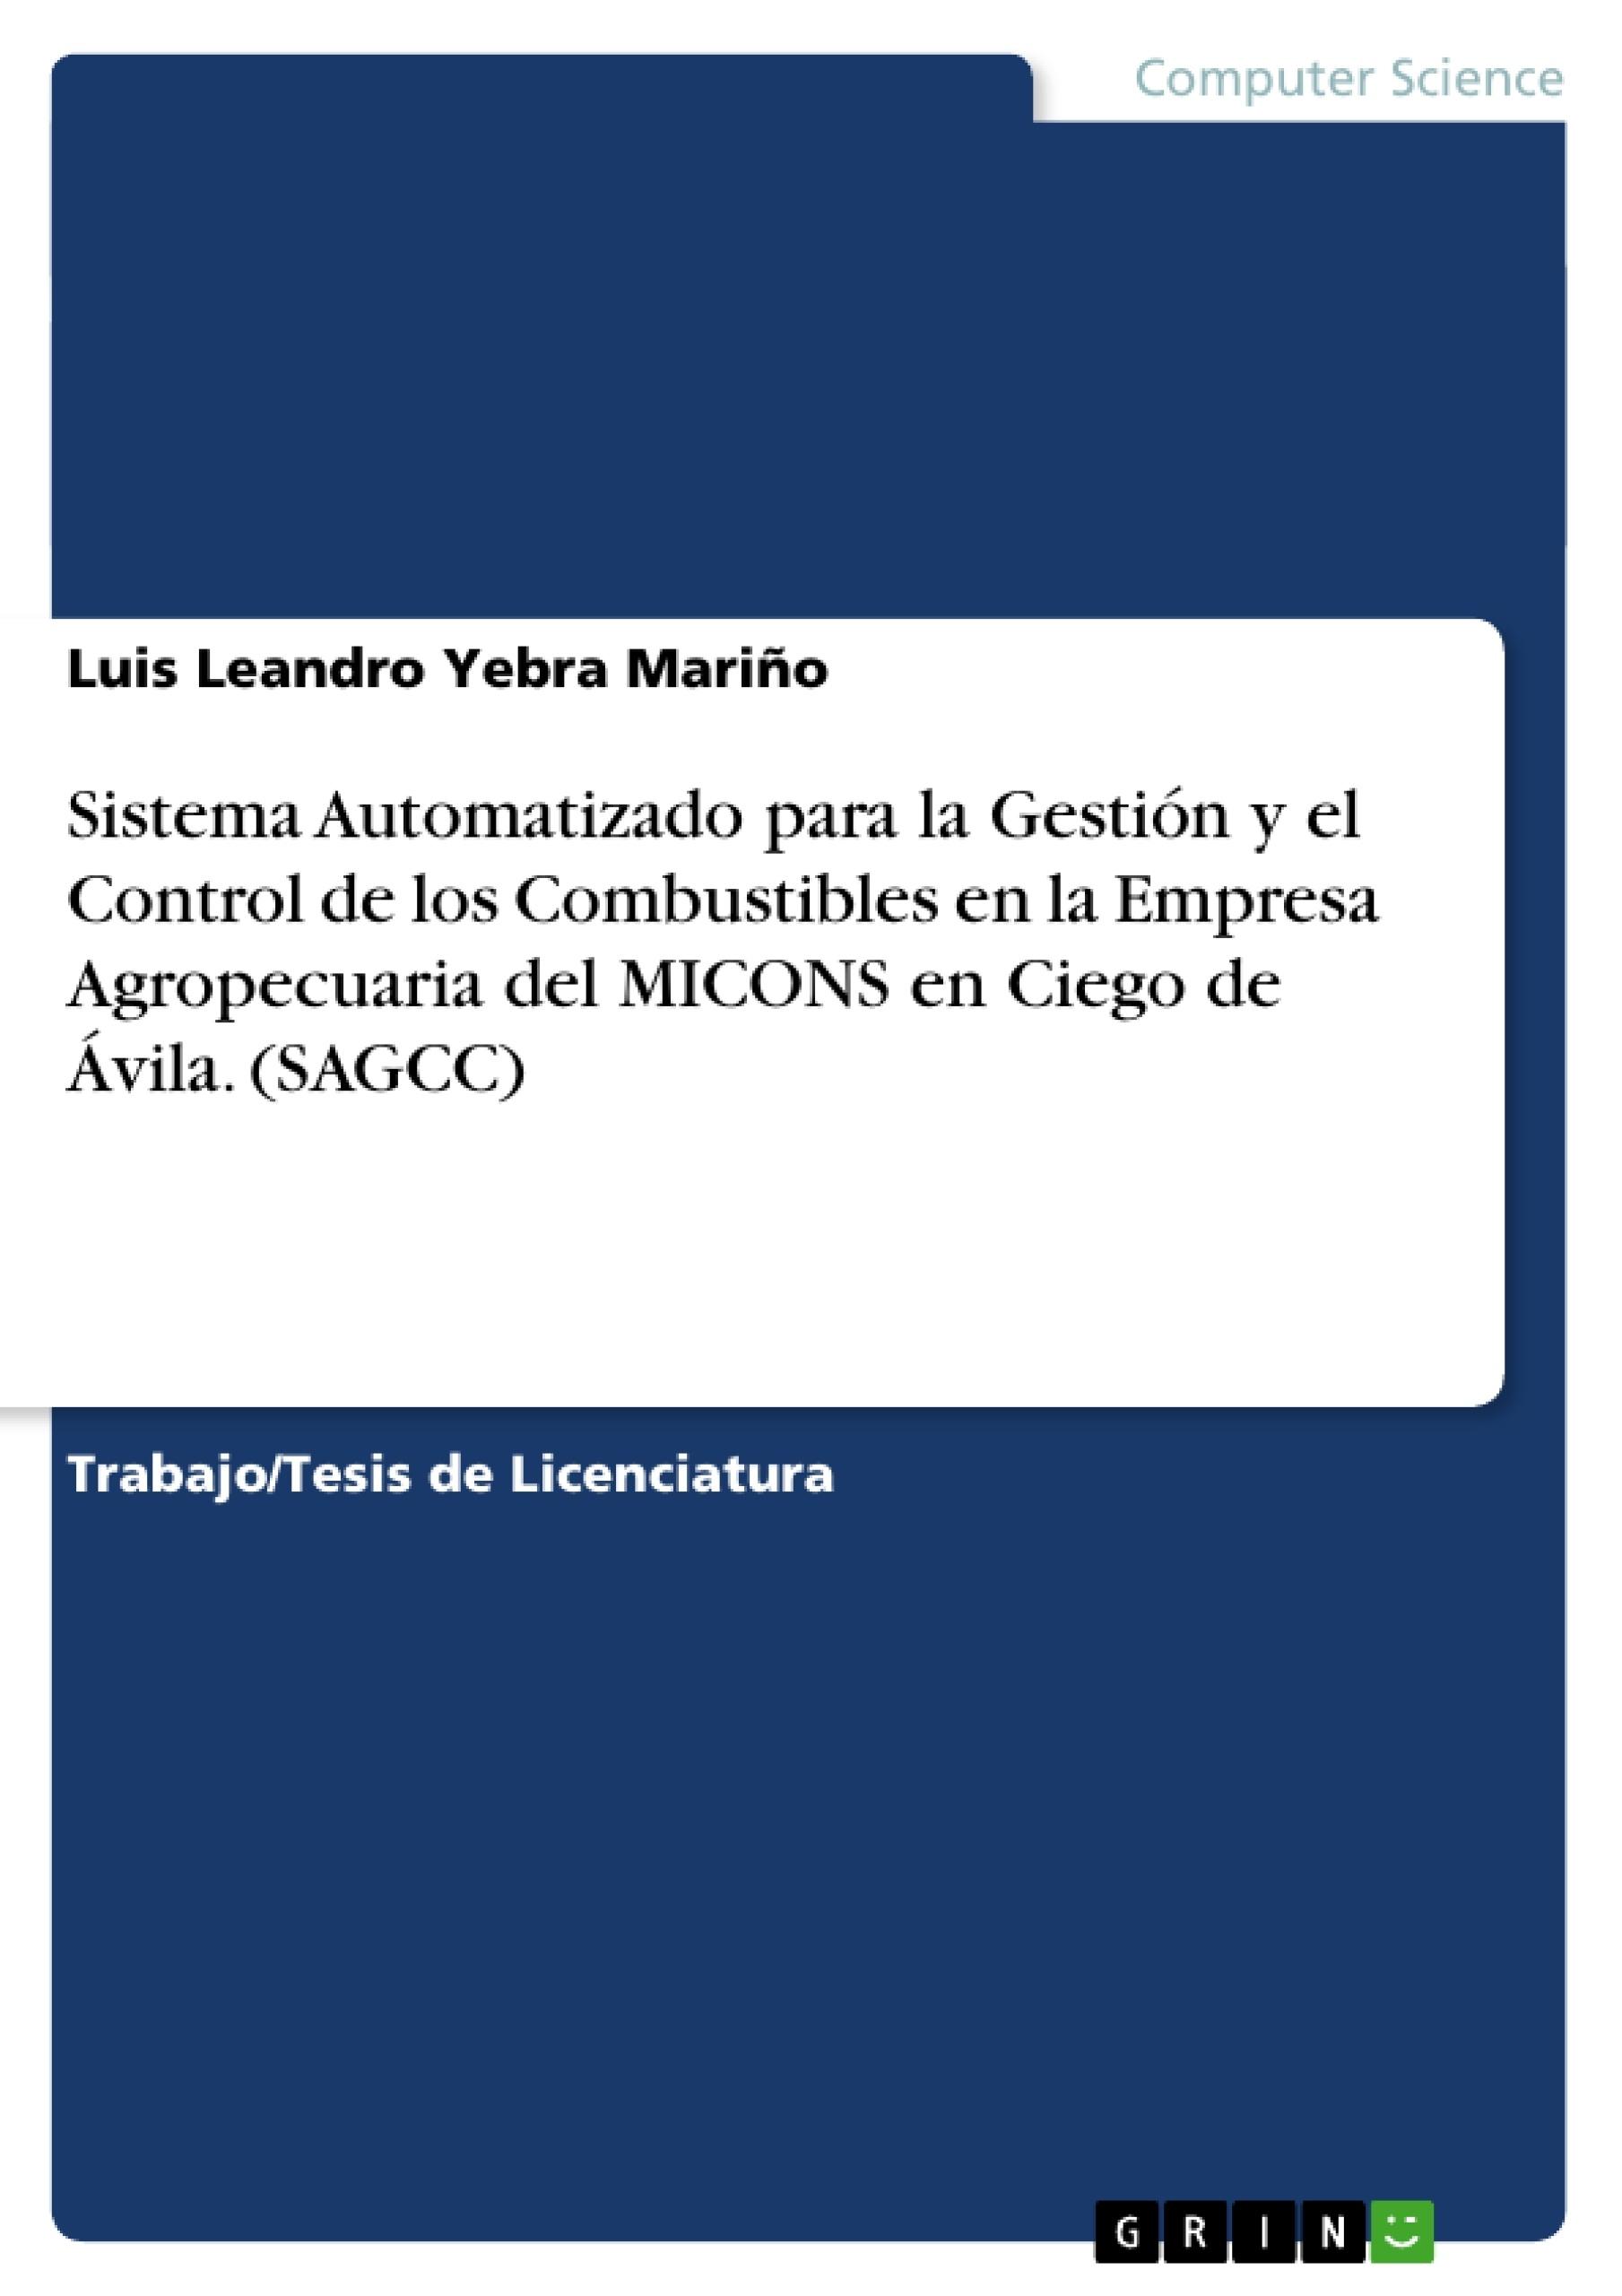 Título: Sistema Automatizado para la Gestión y el Control de los Combustibles en la Empresa Agropecuaria del MICONS en Ciego de Ávila. (SAGCC)